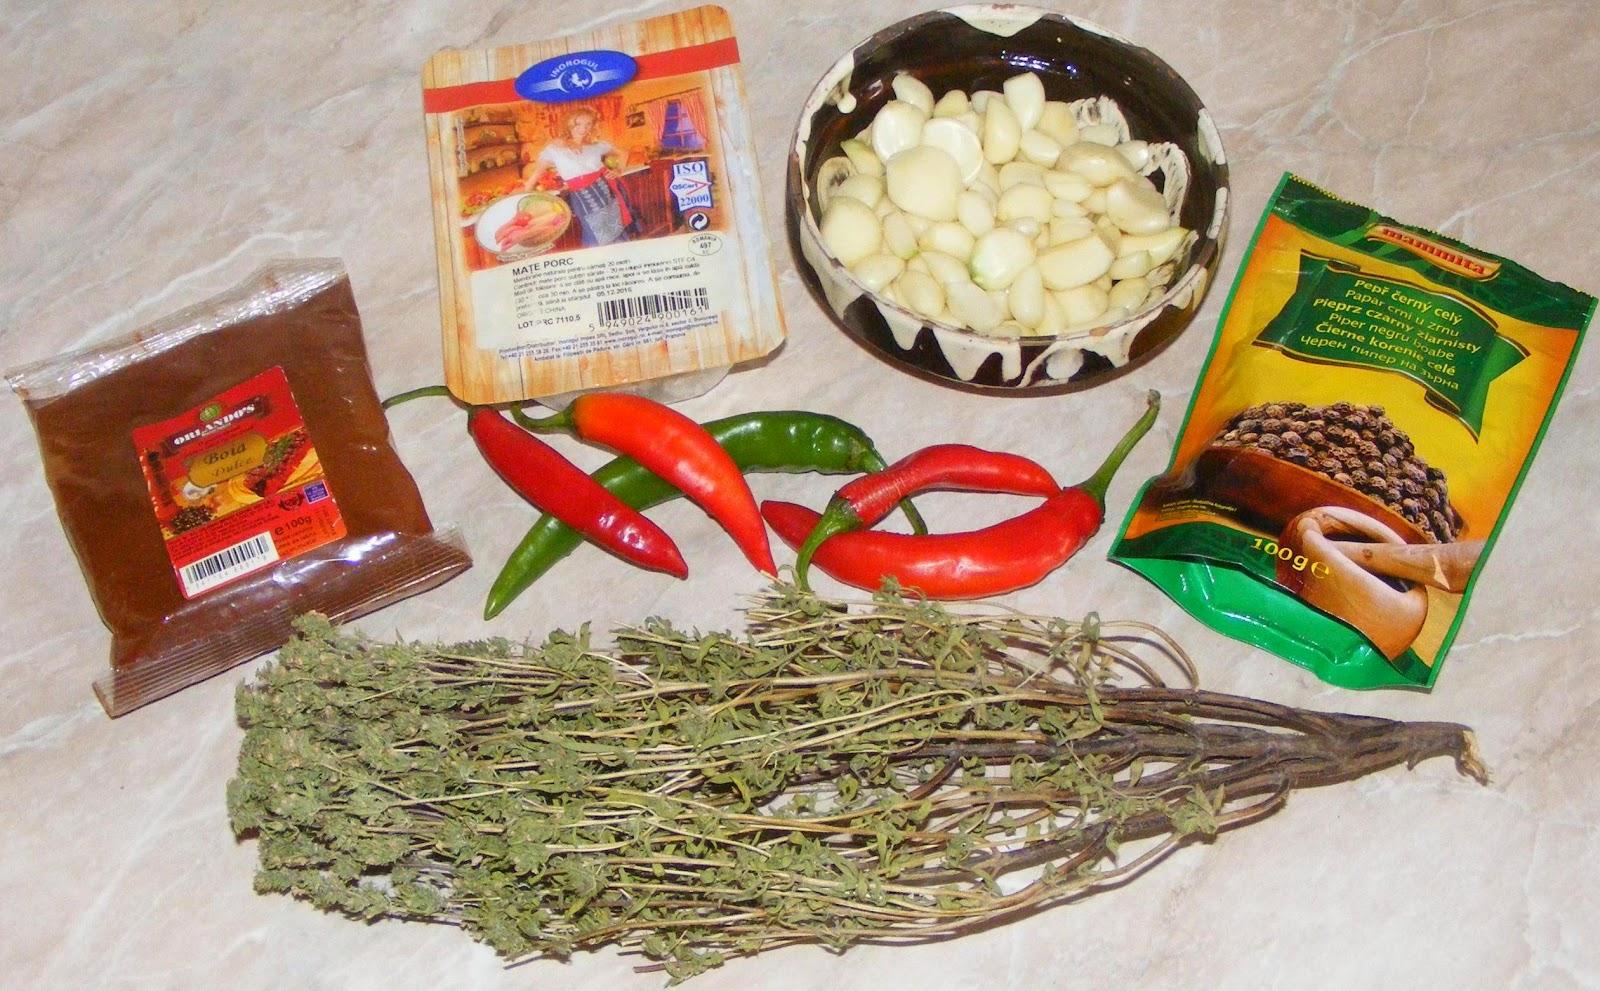 condimente pentru carnati de porc de casa, ingrediente pentru carnati de porc de casa, cum se prepara carnatii de casa, cum facem carnati de porc de casa, retete carnati, reteta carnati,